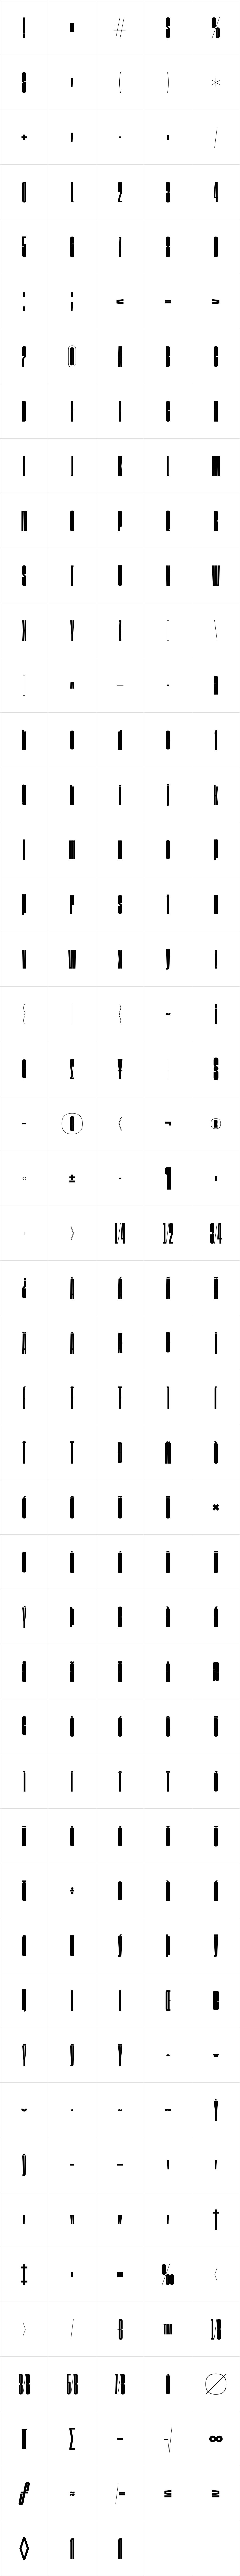 Cinderblock 175